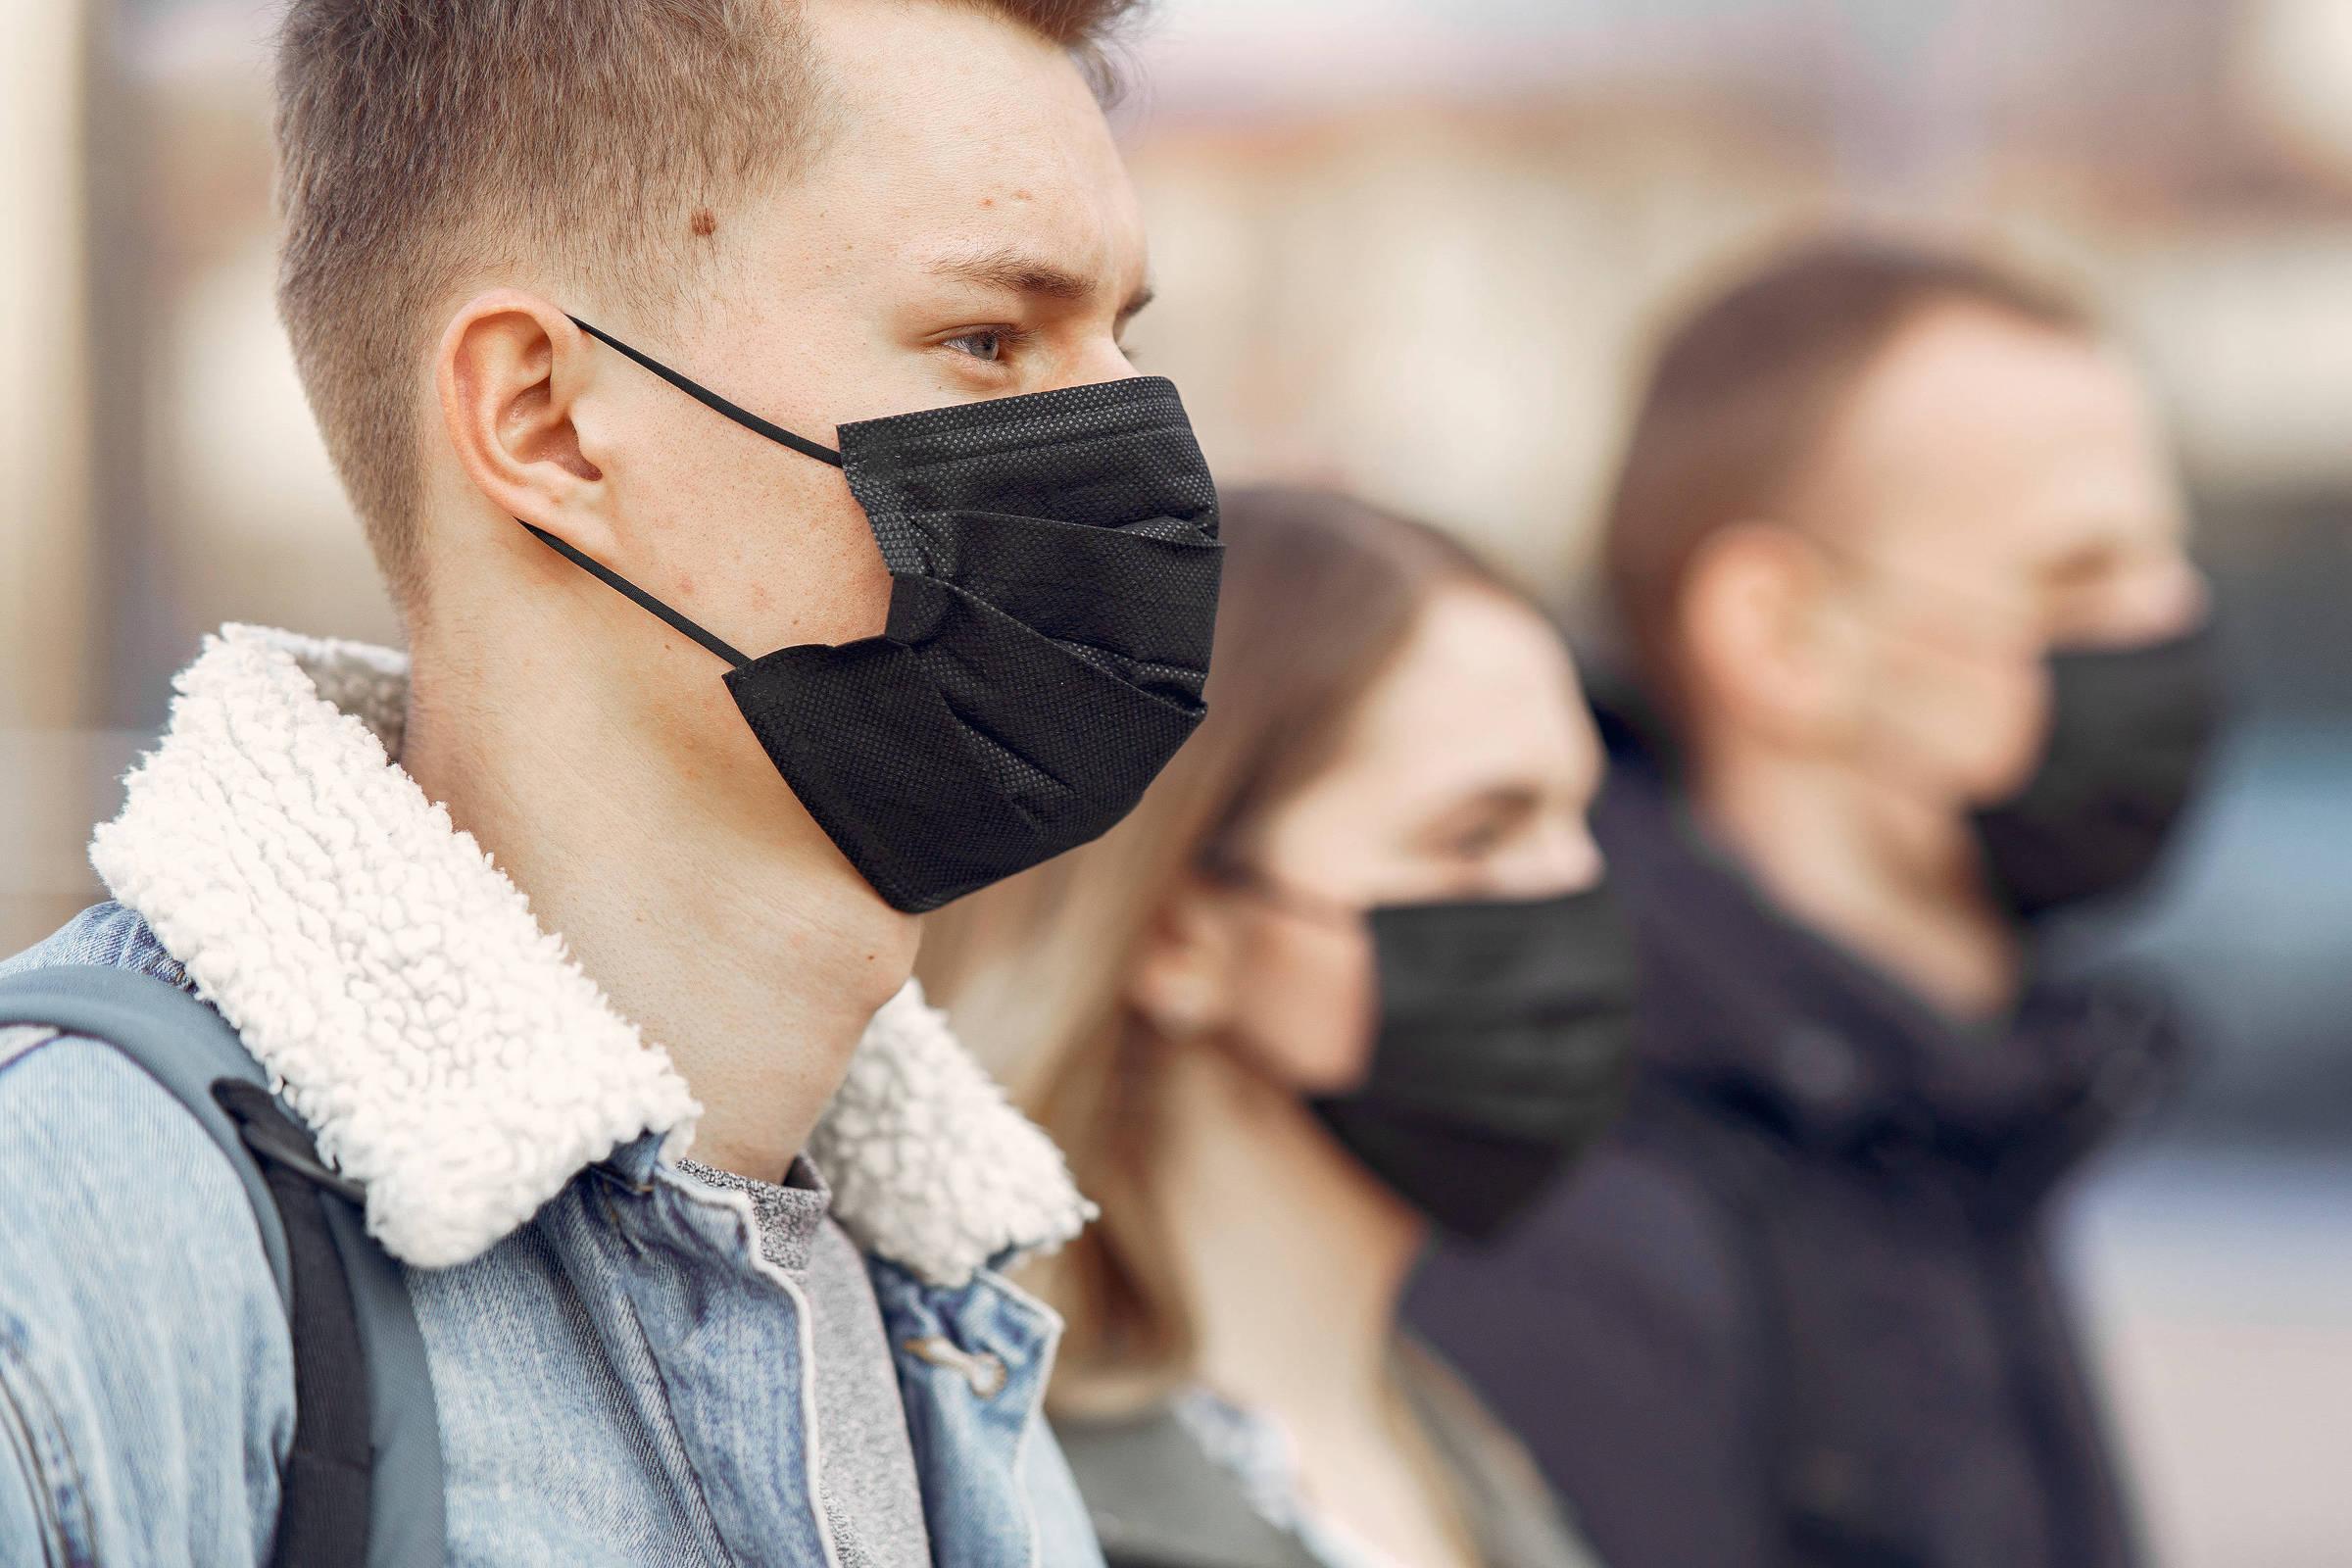 Uso de máscaras será por tempo indeterminado, diz especialista